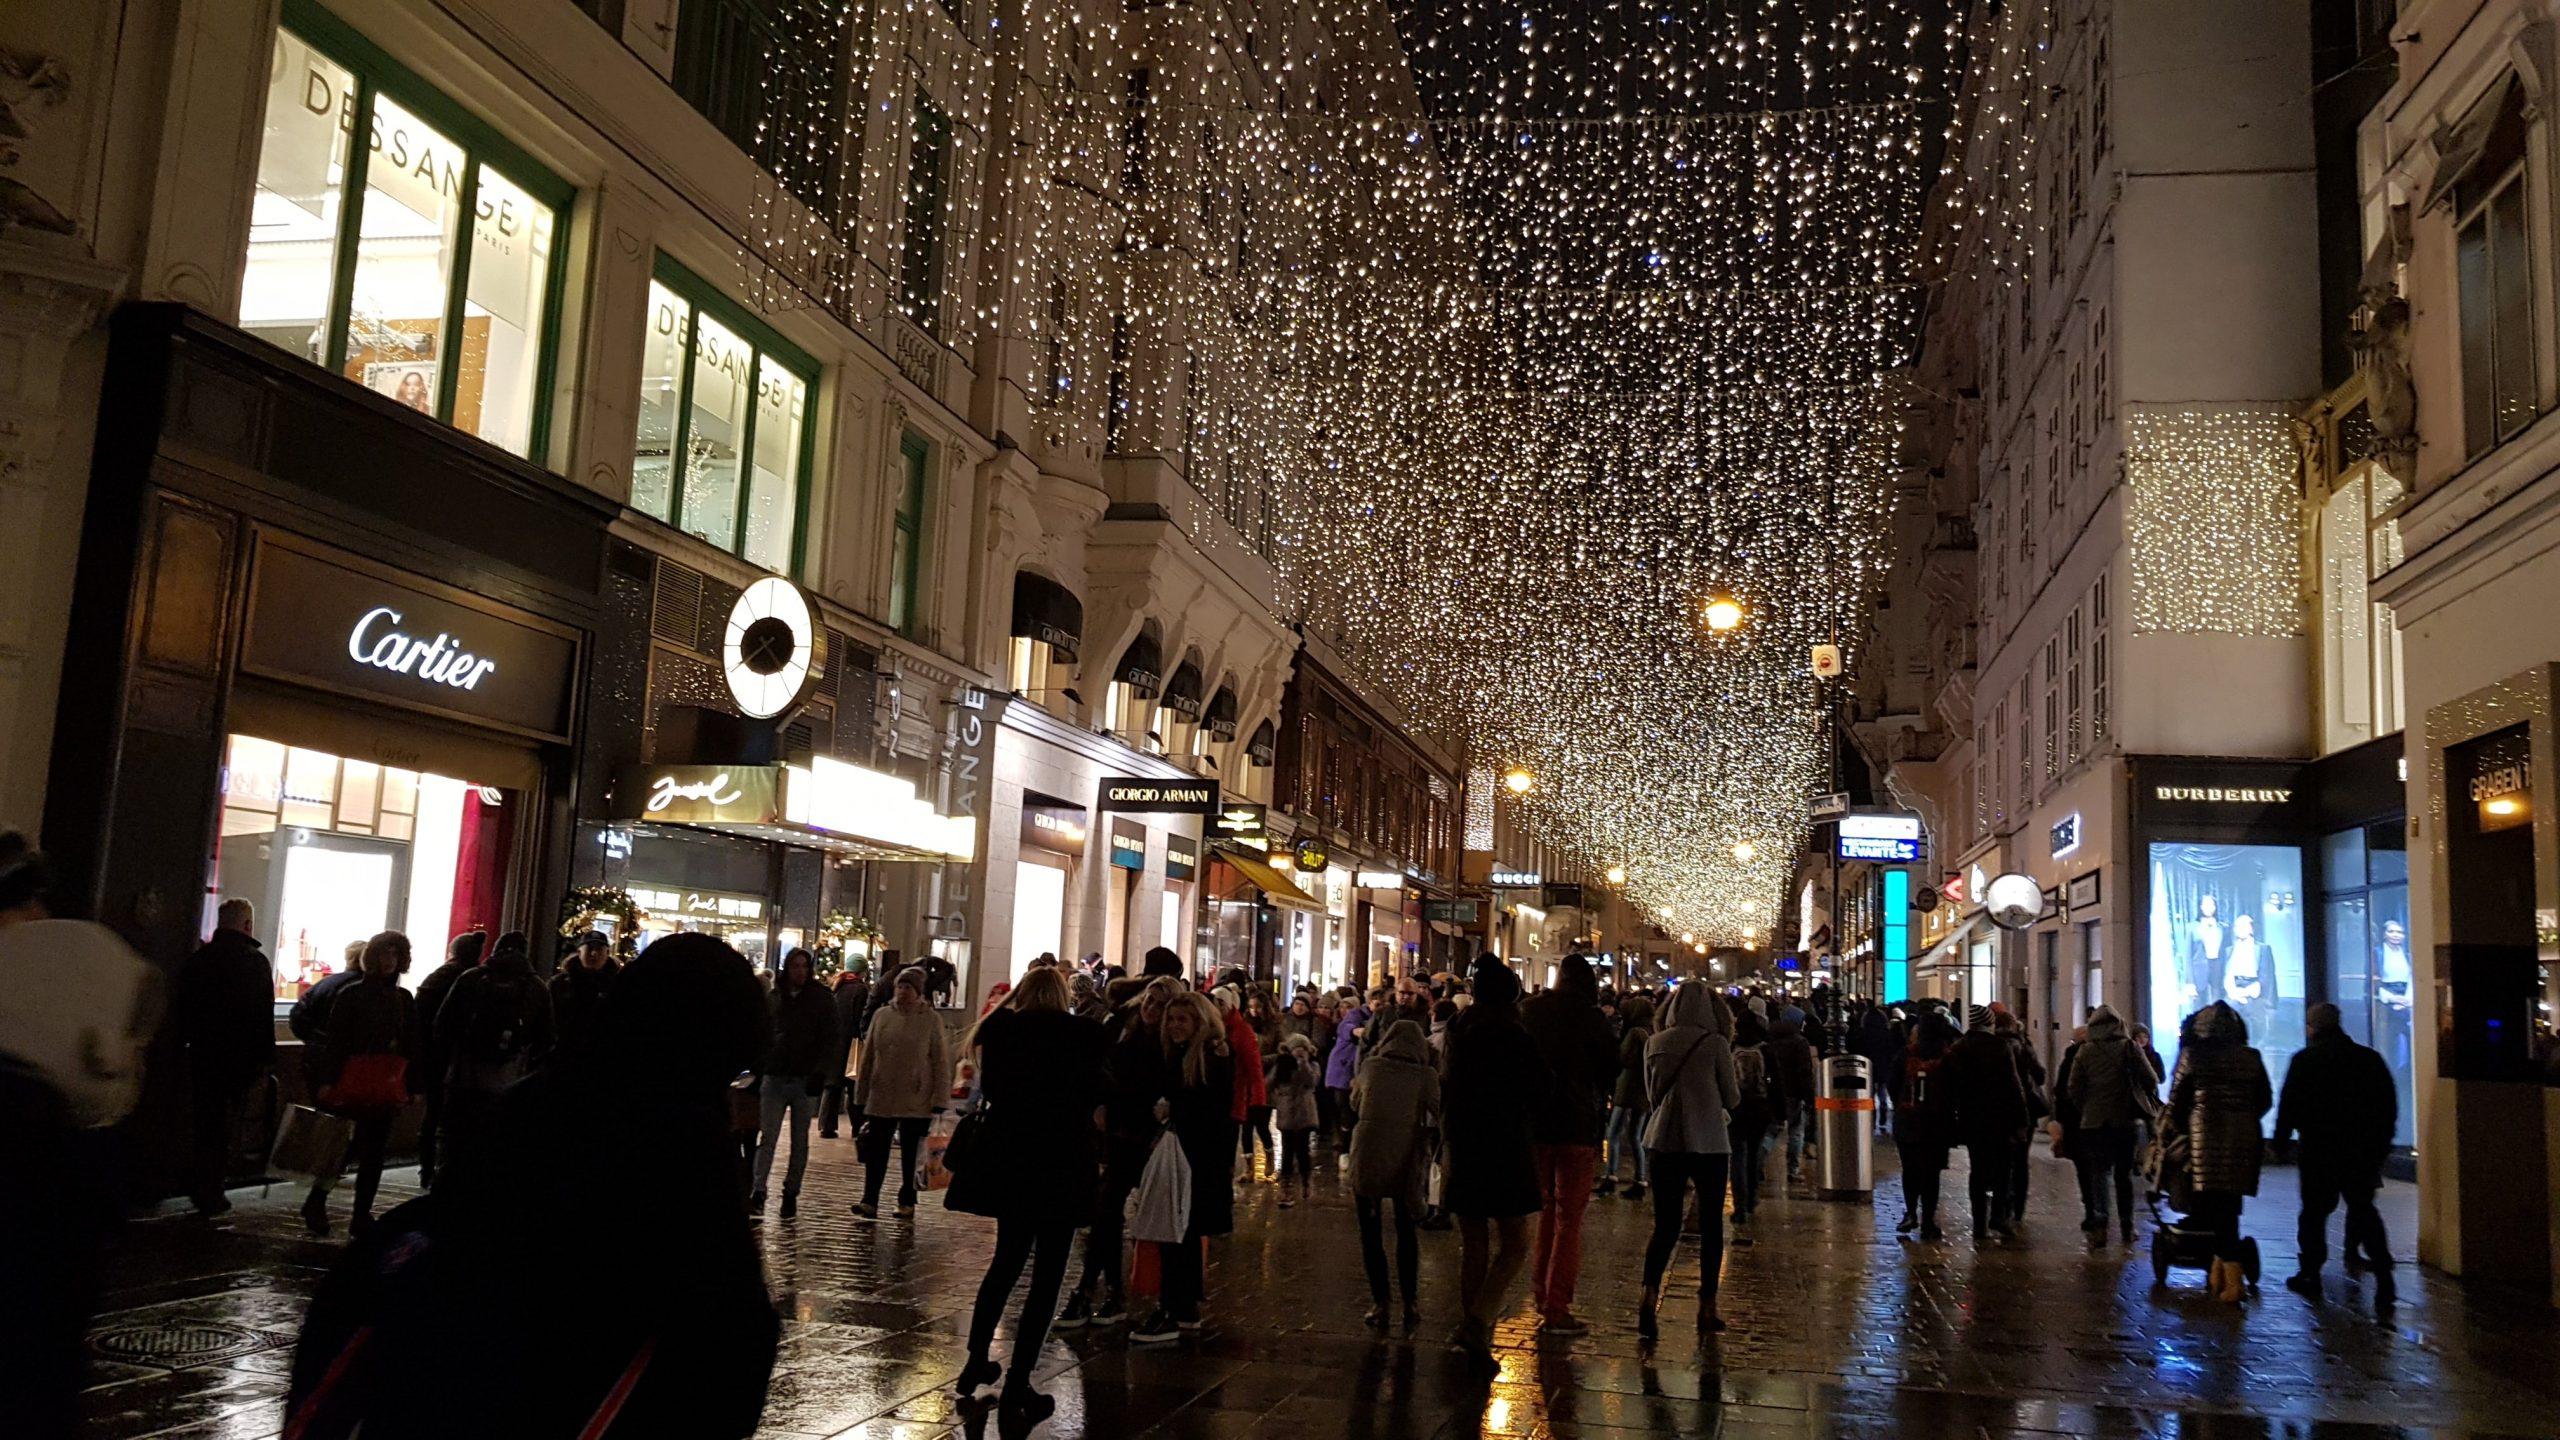 iluminación navideña en la calle Tuchlauben de Viena